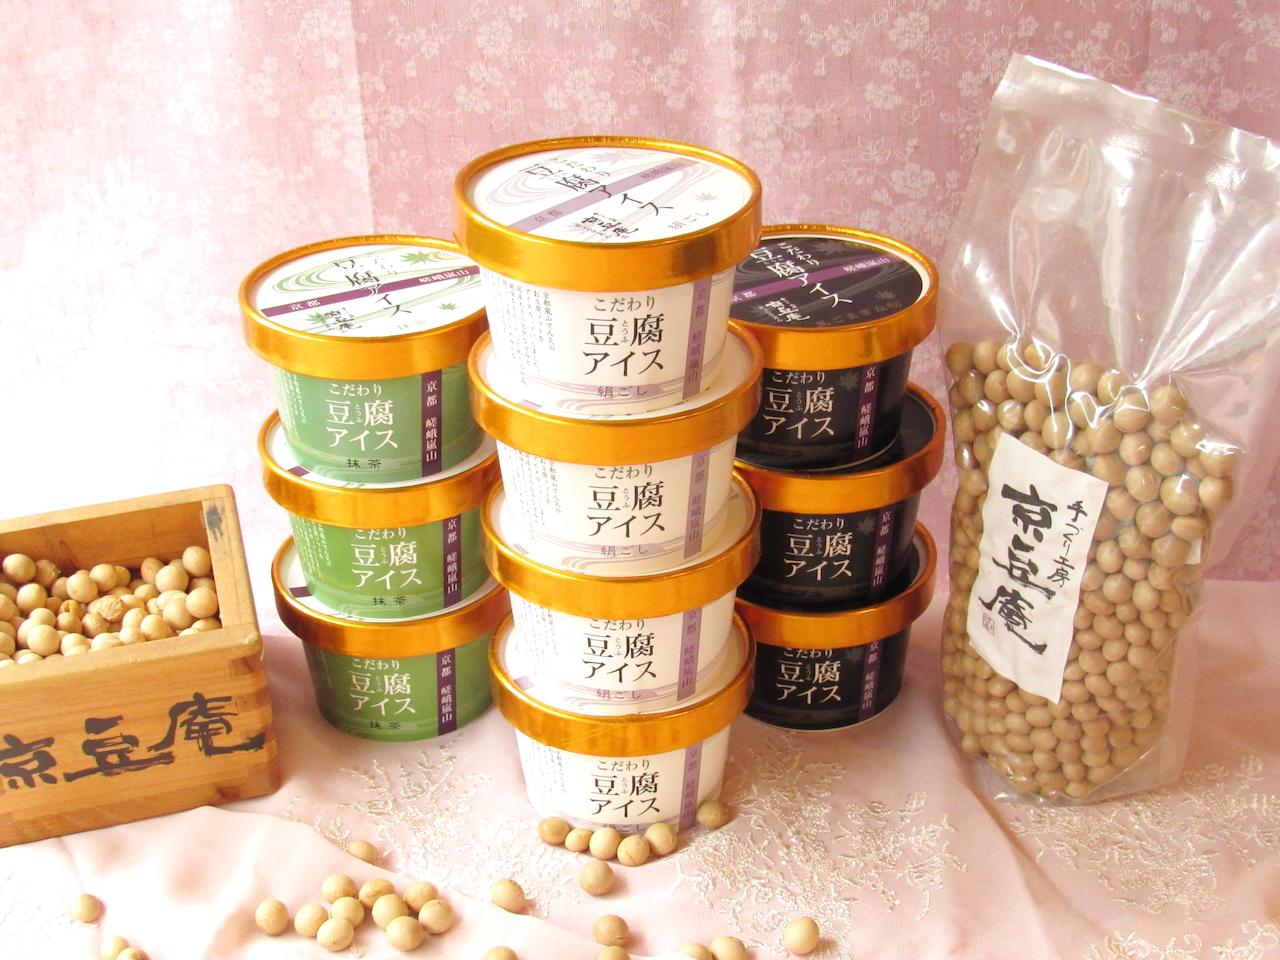 お豆腐アイス 絹ごし豆腐 (10個入り)